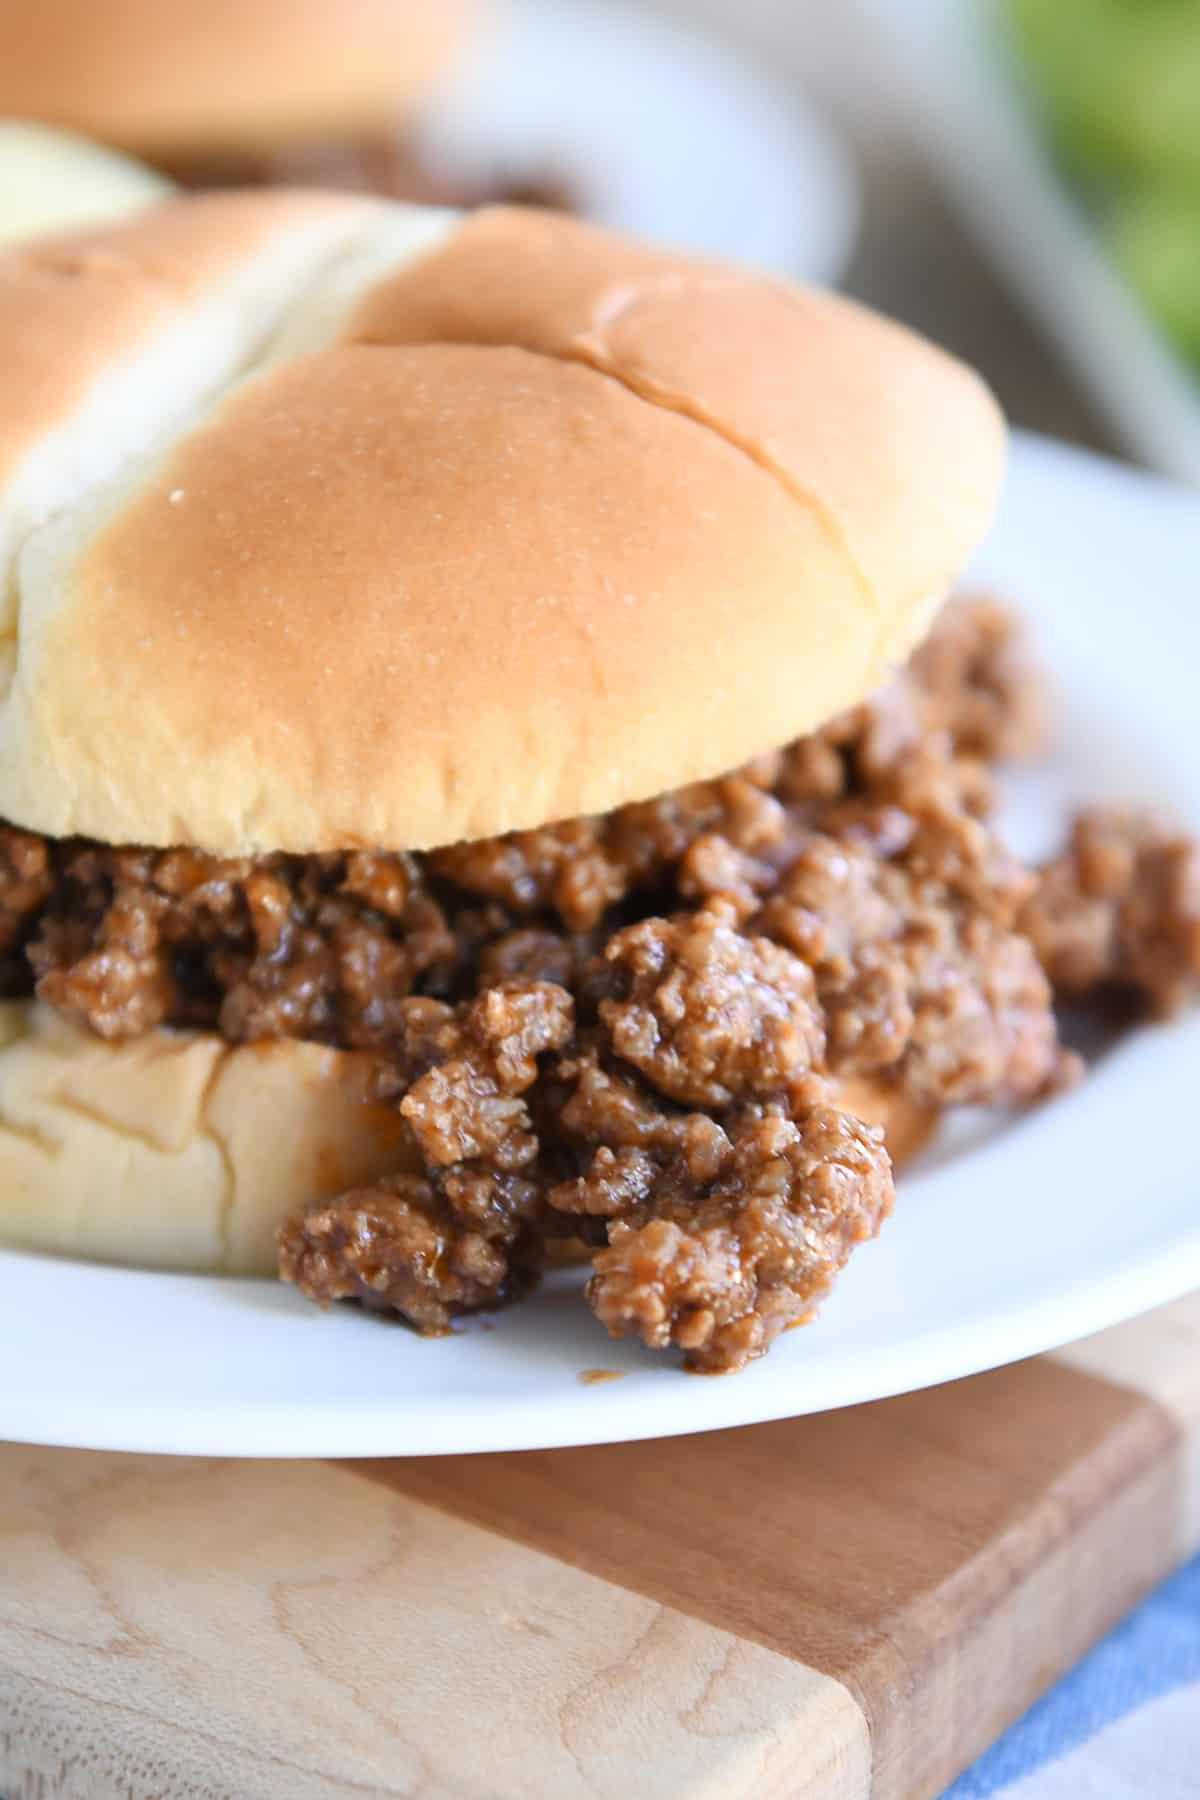 sloppy joe meat spilling over bun onto white plate